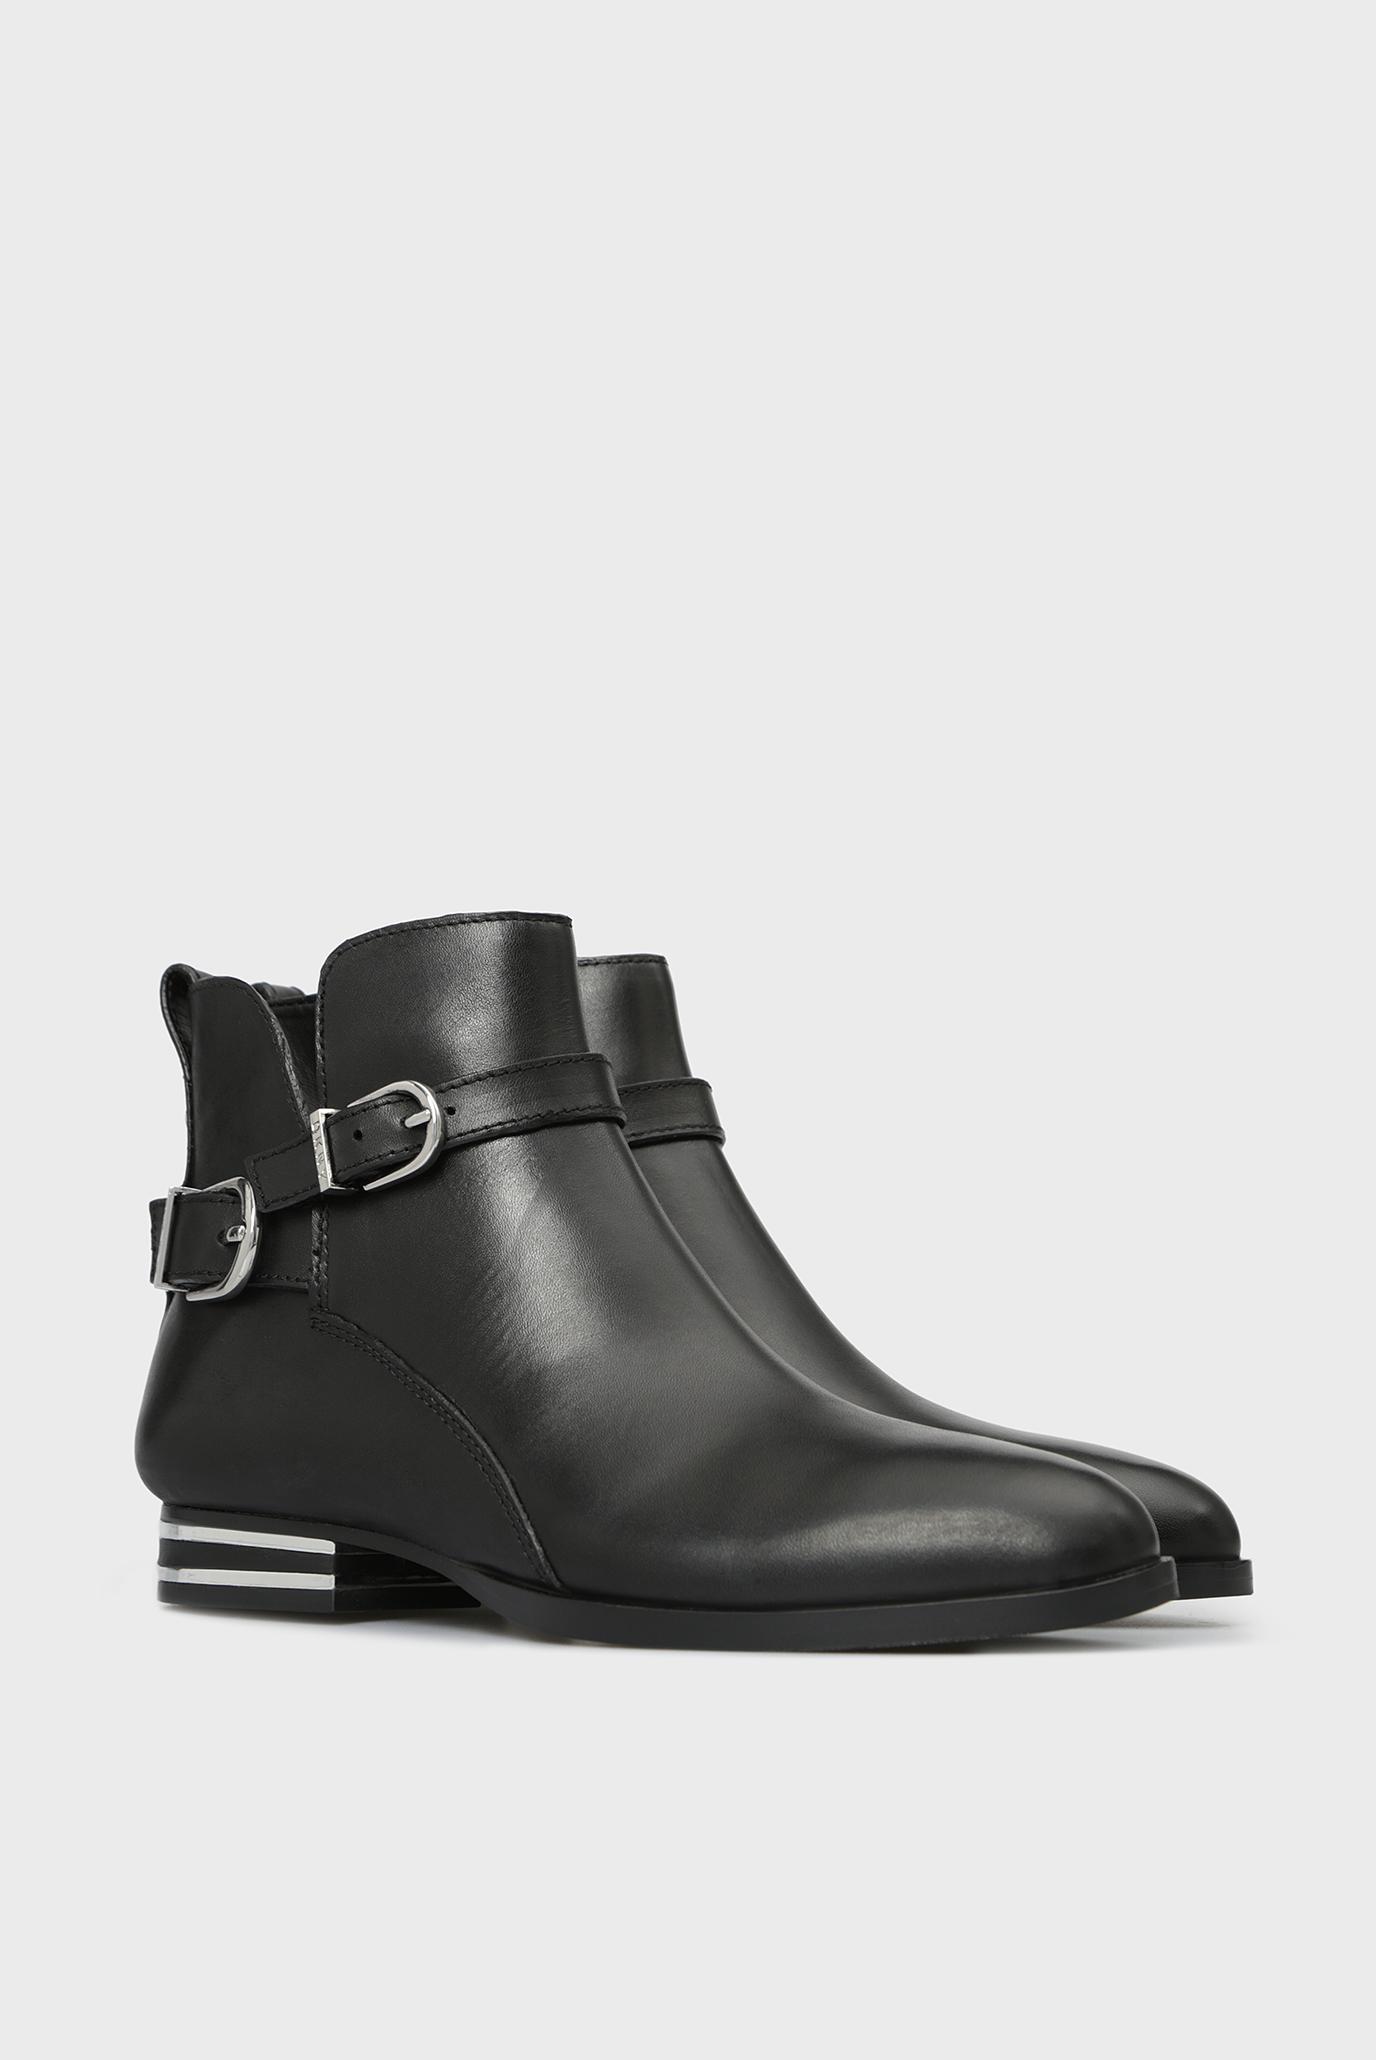 Купить Женские черные кожаные ботинки LILY DKNY DKNY K3839774 – Киев, Украина. Цены в интернет магазине MD Fashion